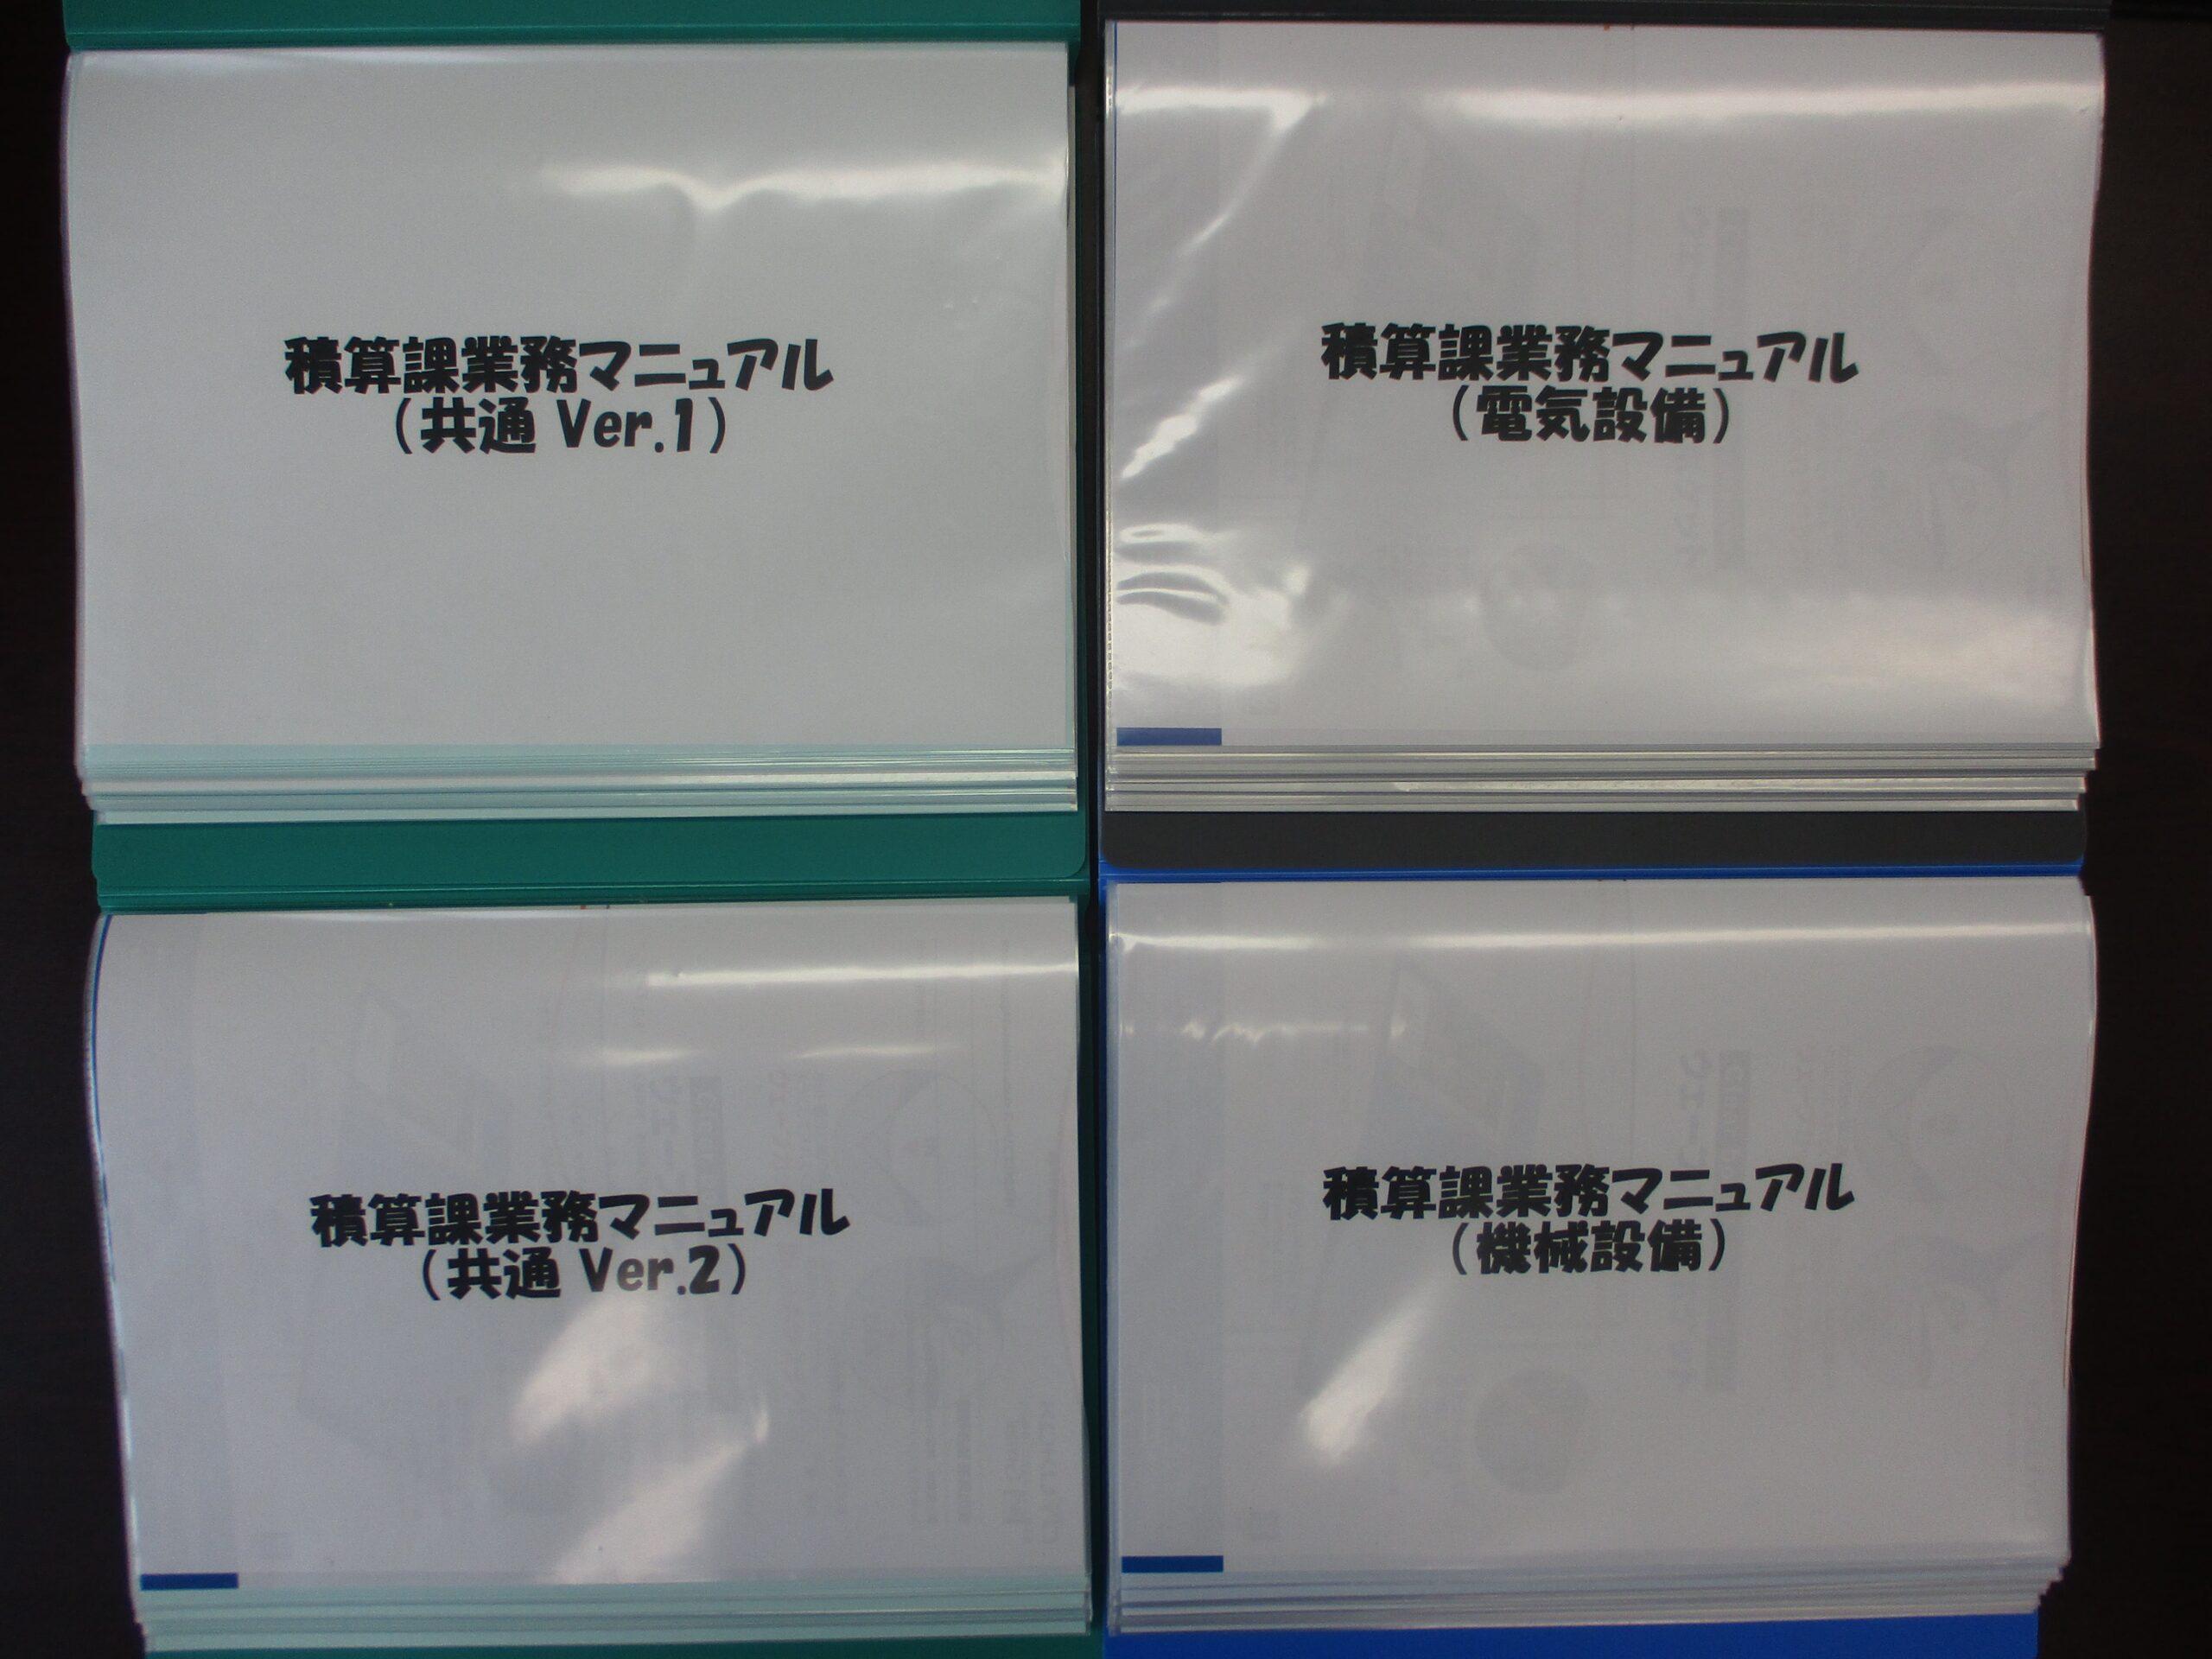 マニュアル・手順書の作成